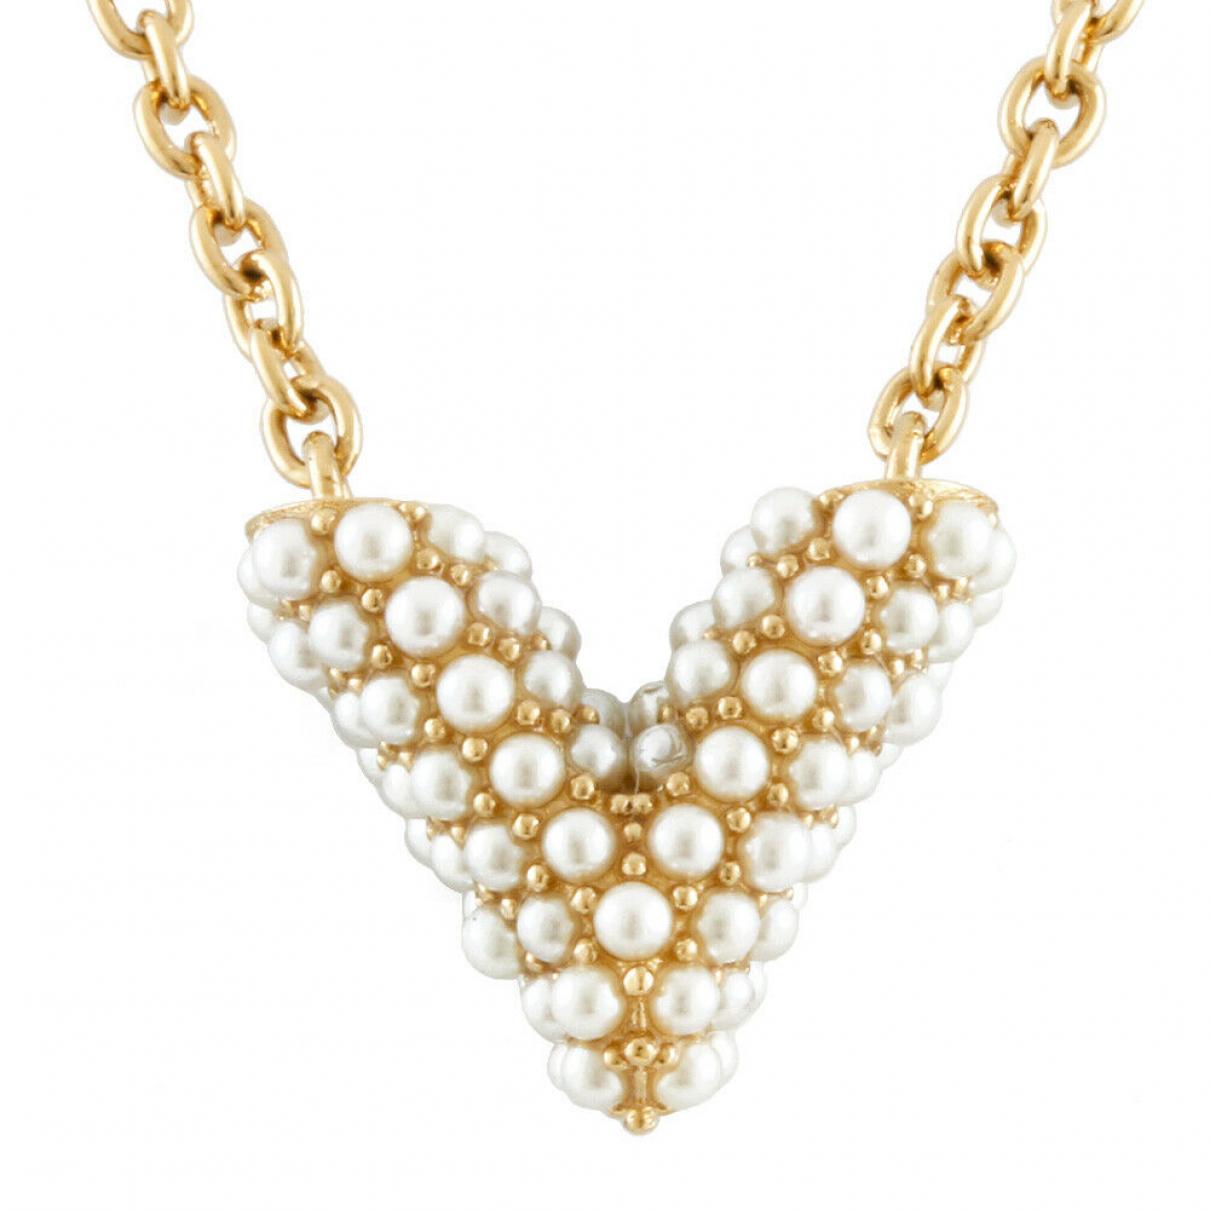 Collar Louis Vuitton